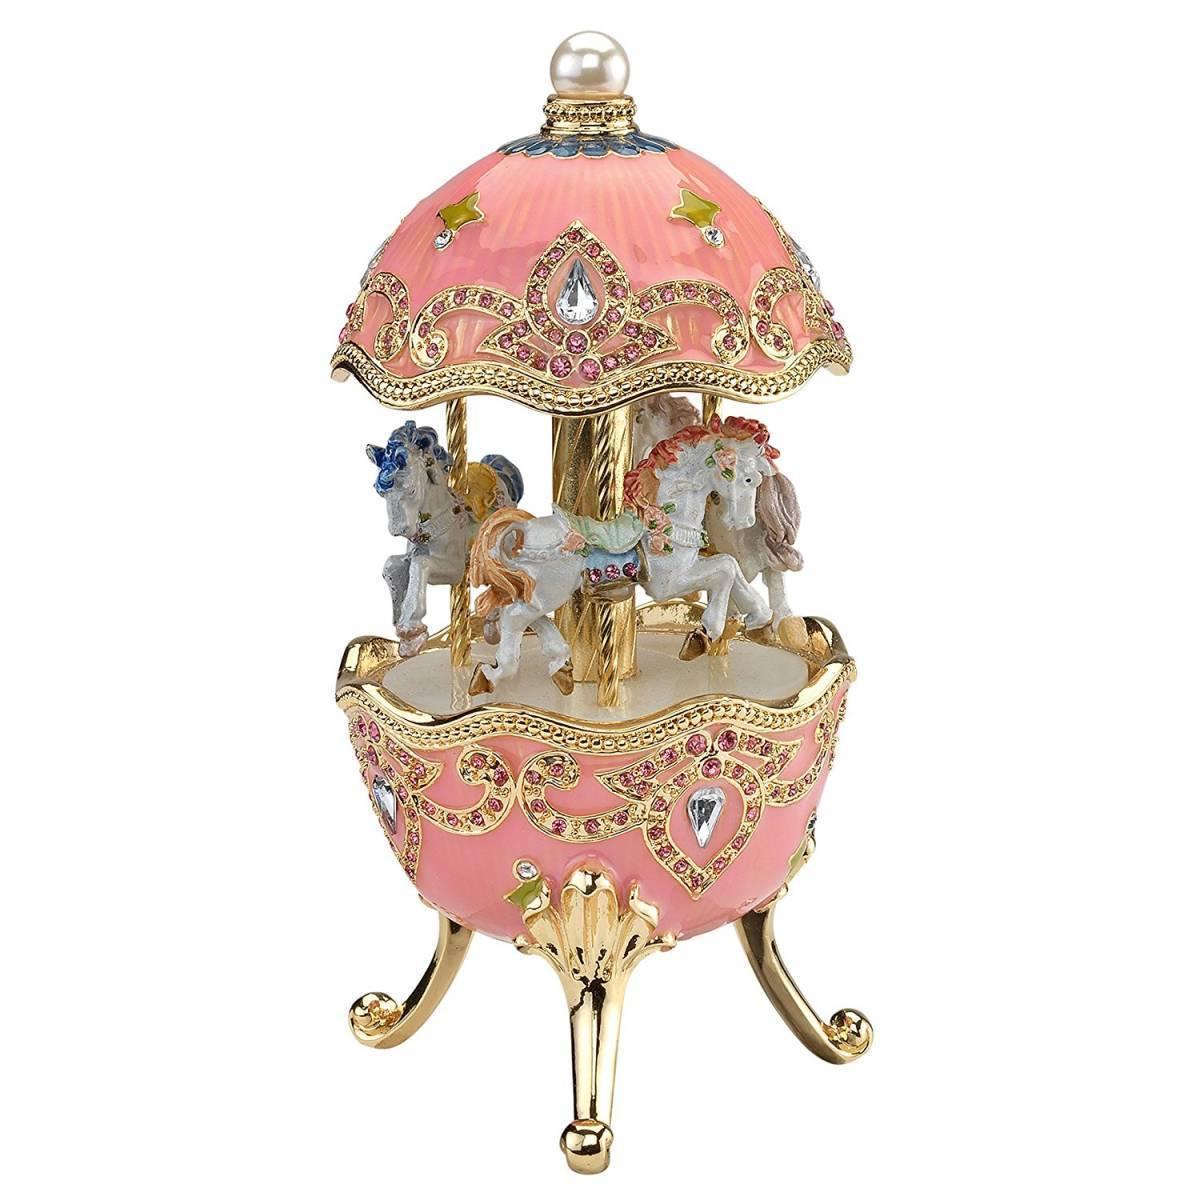 デザイン・トスカノ製 回転木馬オルゴール ファベルジュ・スタイル エナメル・ミュージカルエッグ、ピンク色 彫像 彫刻(輸入品